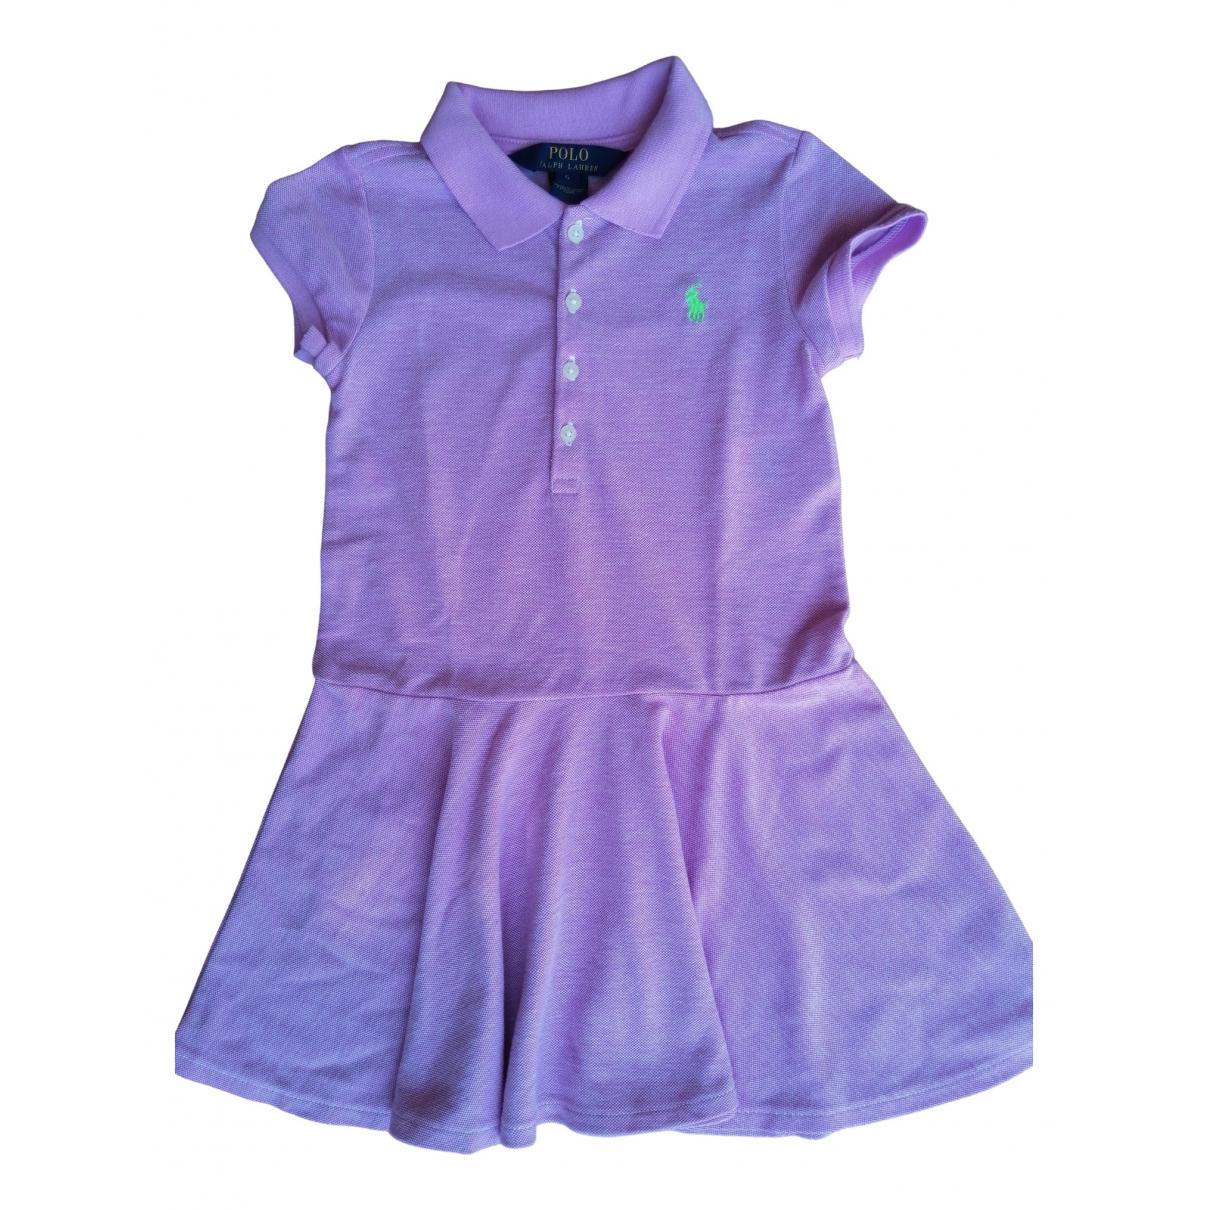 Polo Ralph Lauren \N Kleid in  Lila Baumwolle